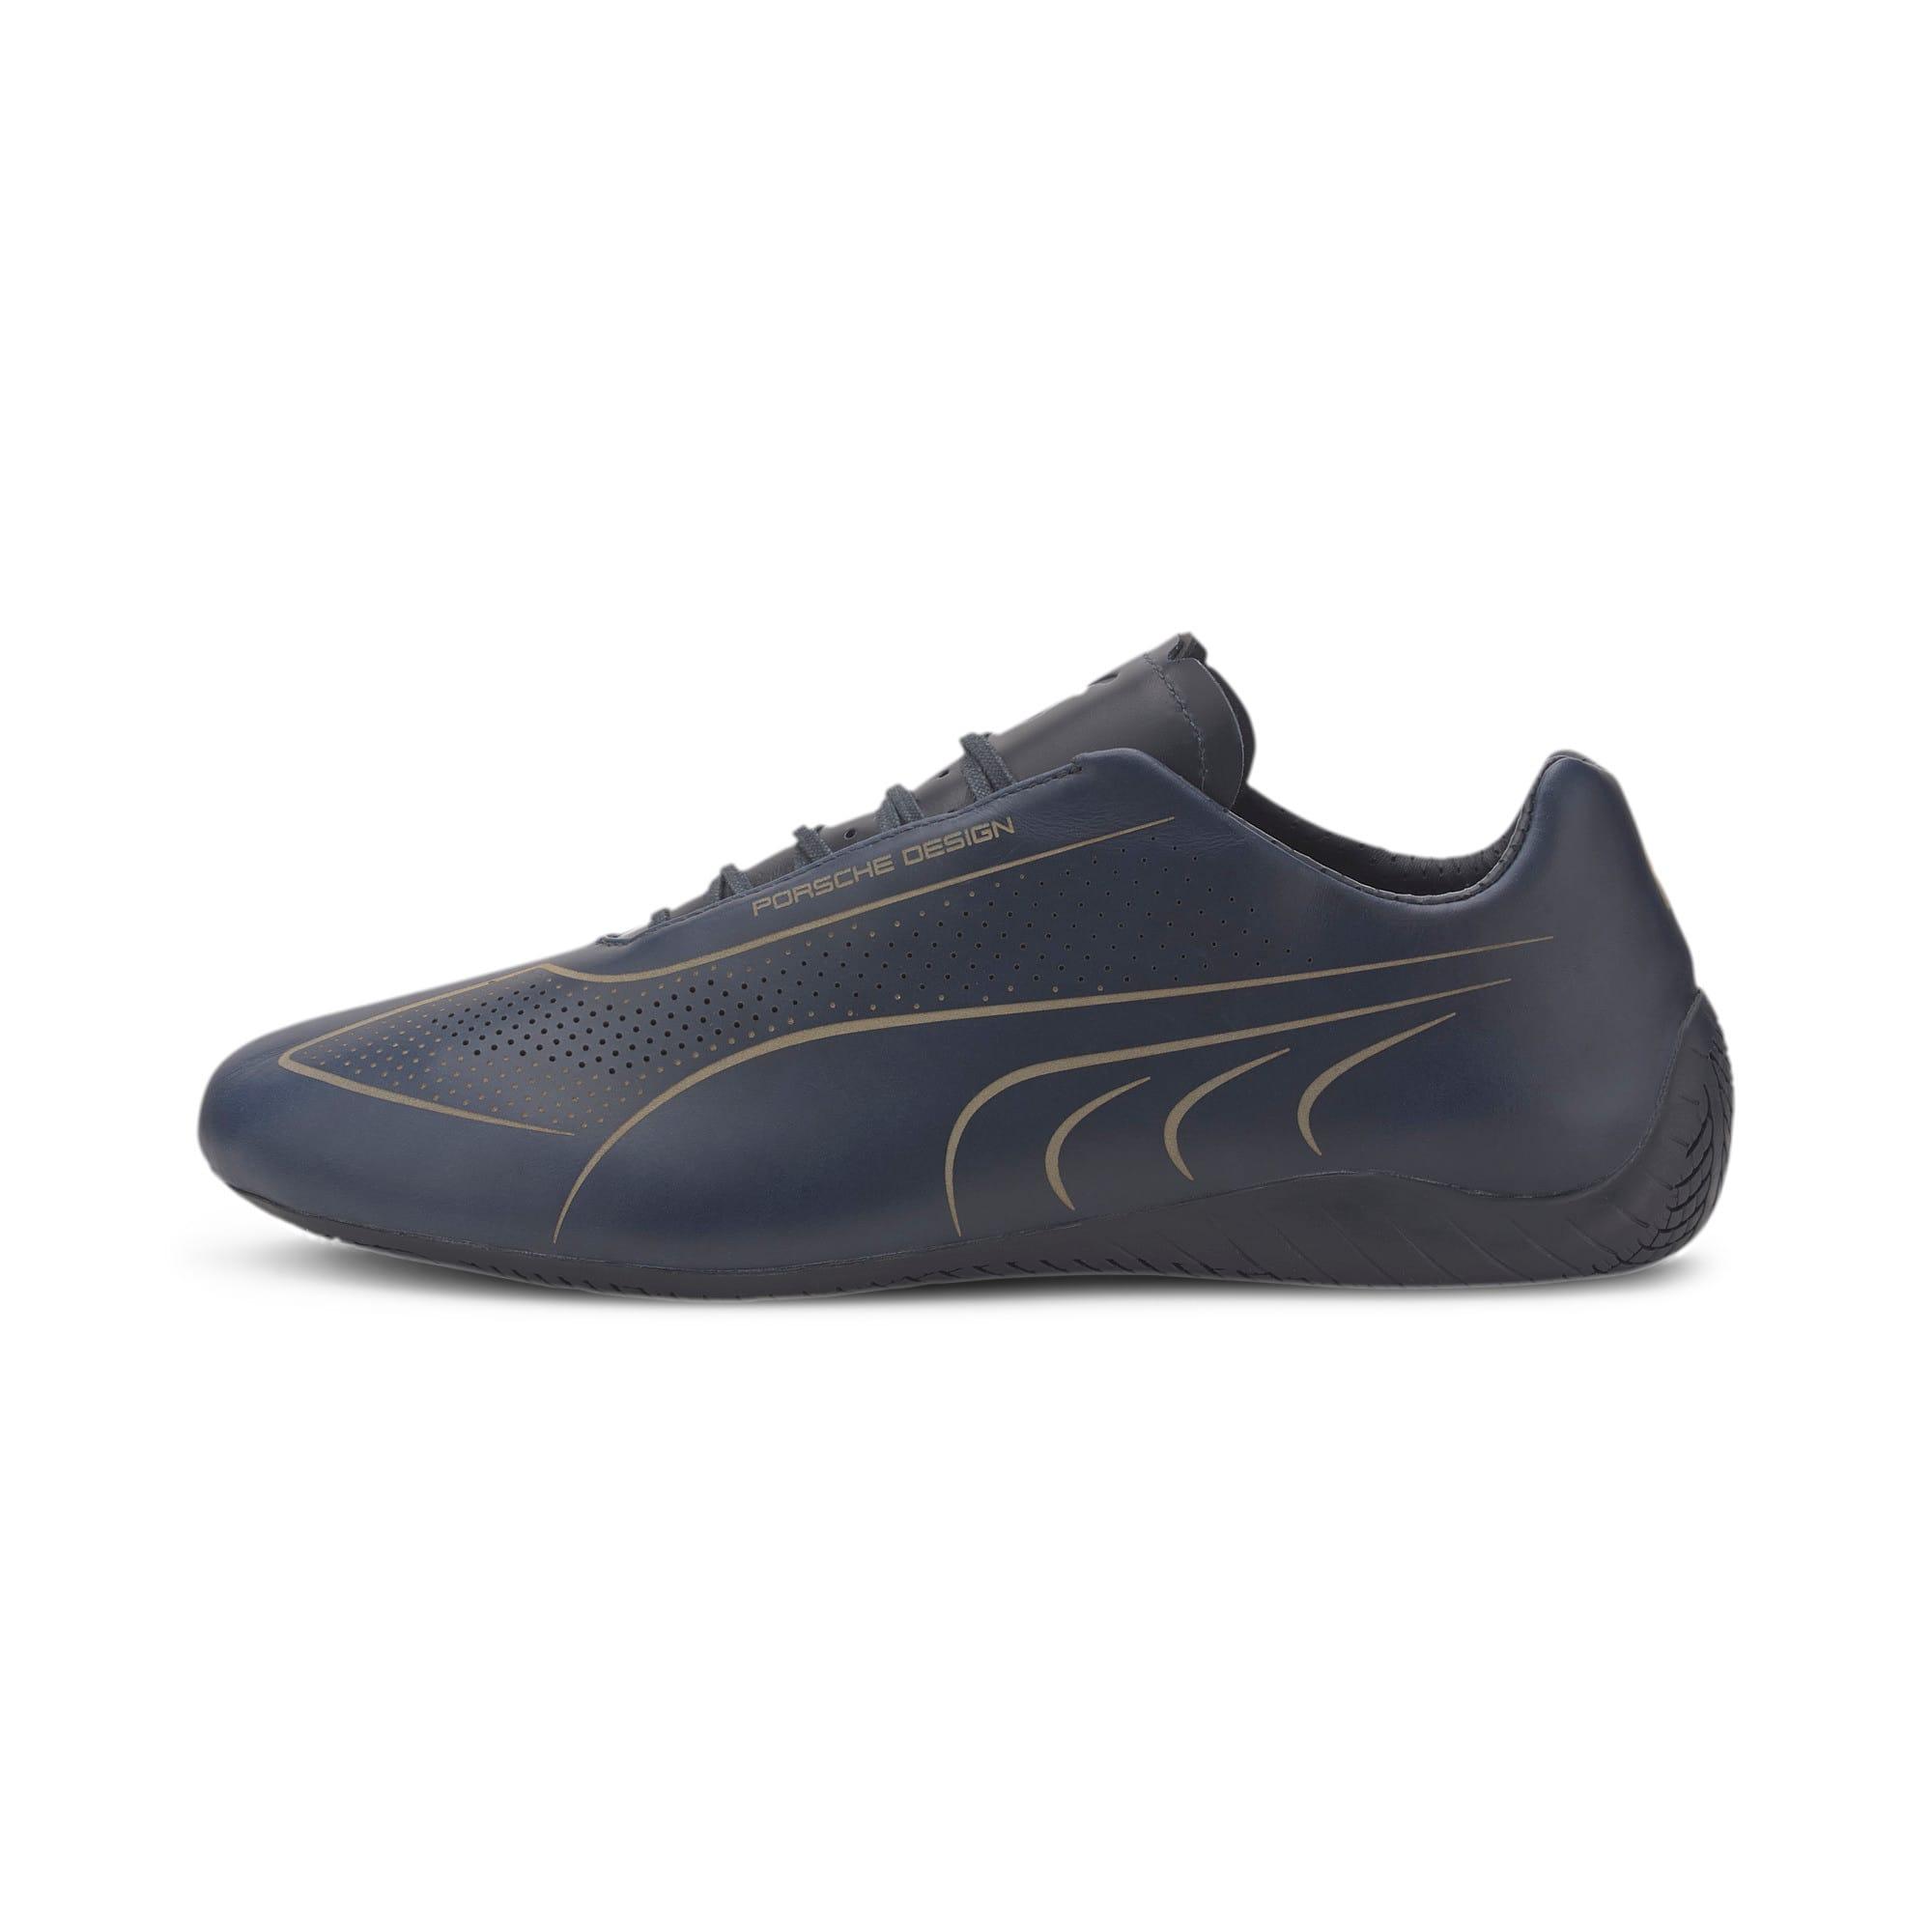 Thumbnail 1 of Porsche Design Speedcat Lux Men's Shoes, Navy Blazer-Navy Blazer, medium